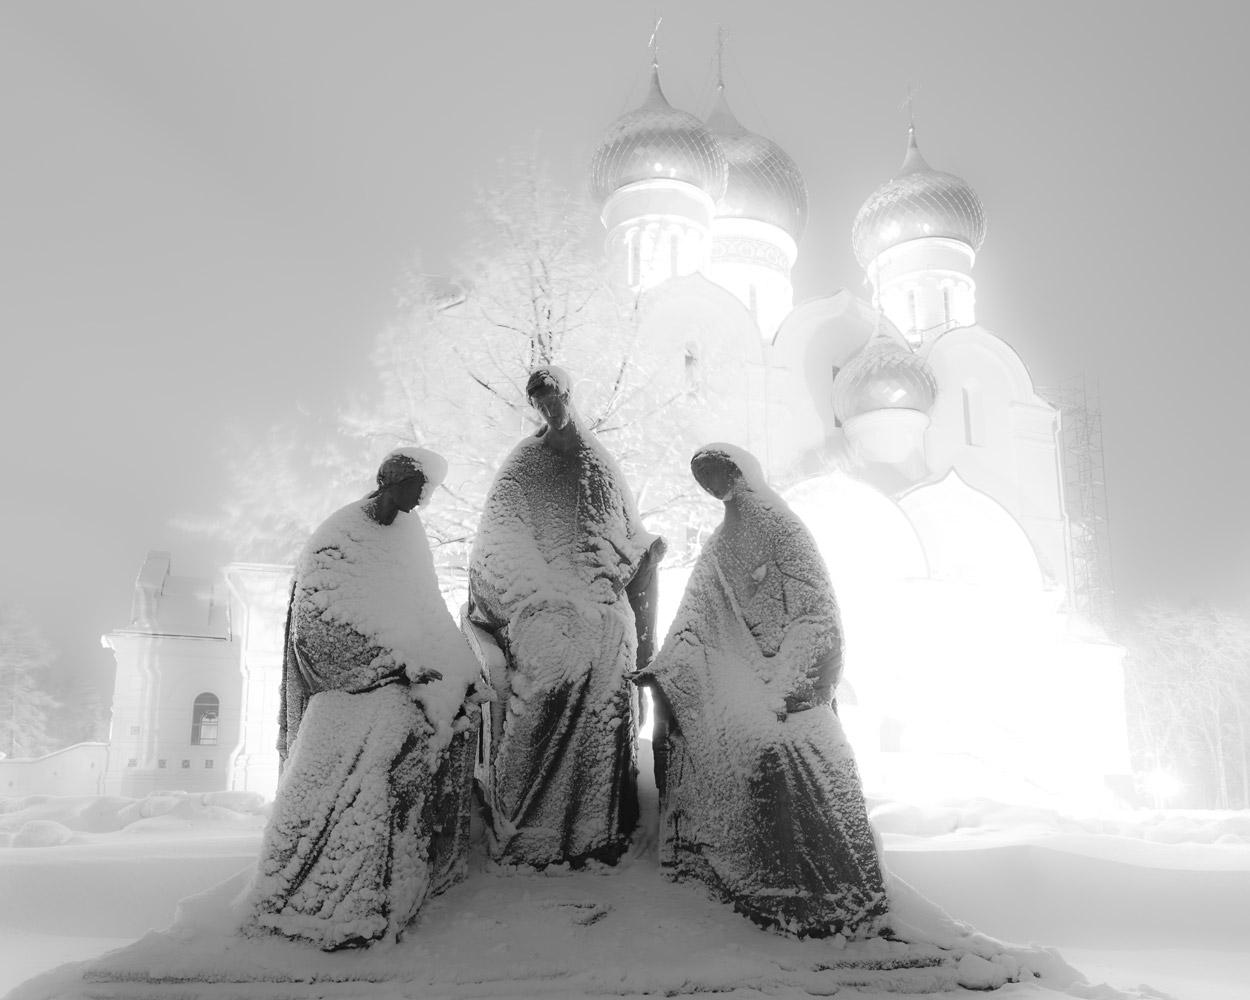 Троица, © Илья Бесхлебный, Ярославль, 1 место, Фотоконкурс «Русская цивилизация»